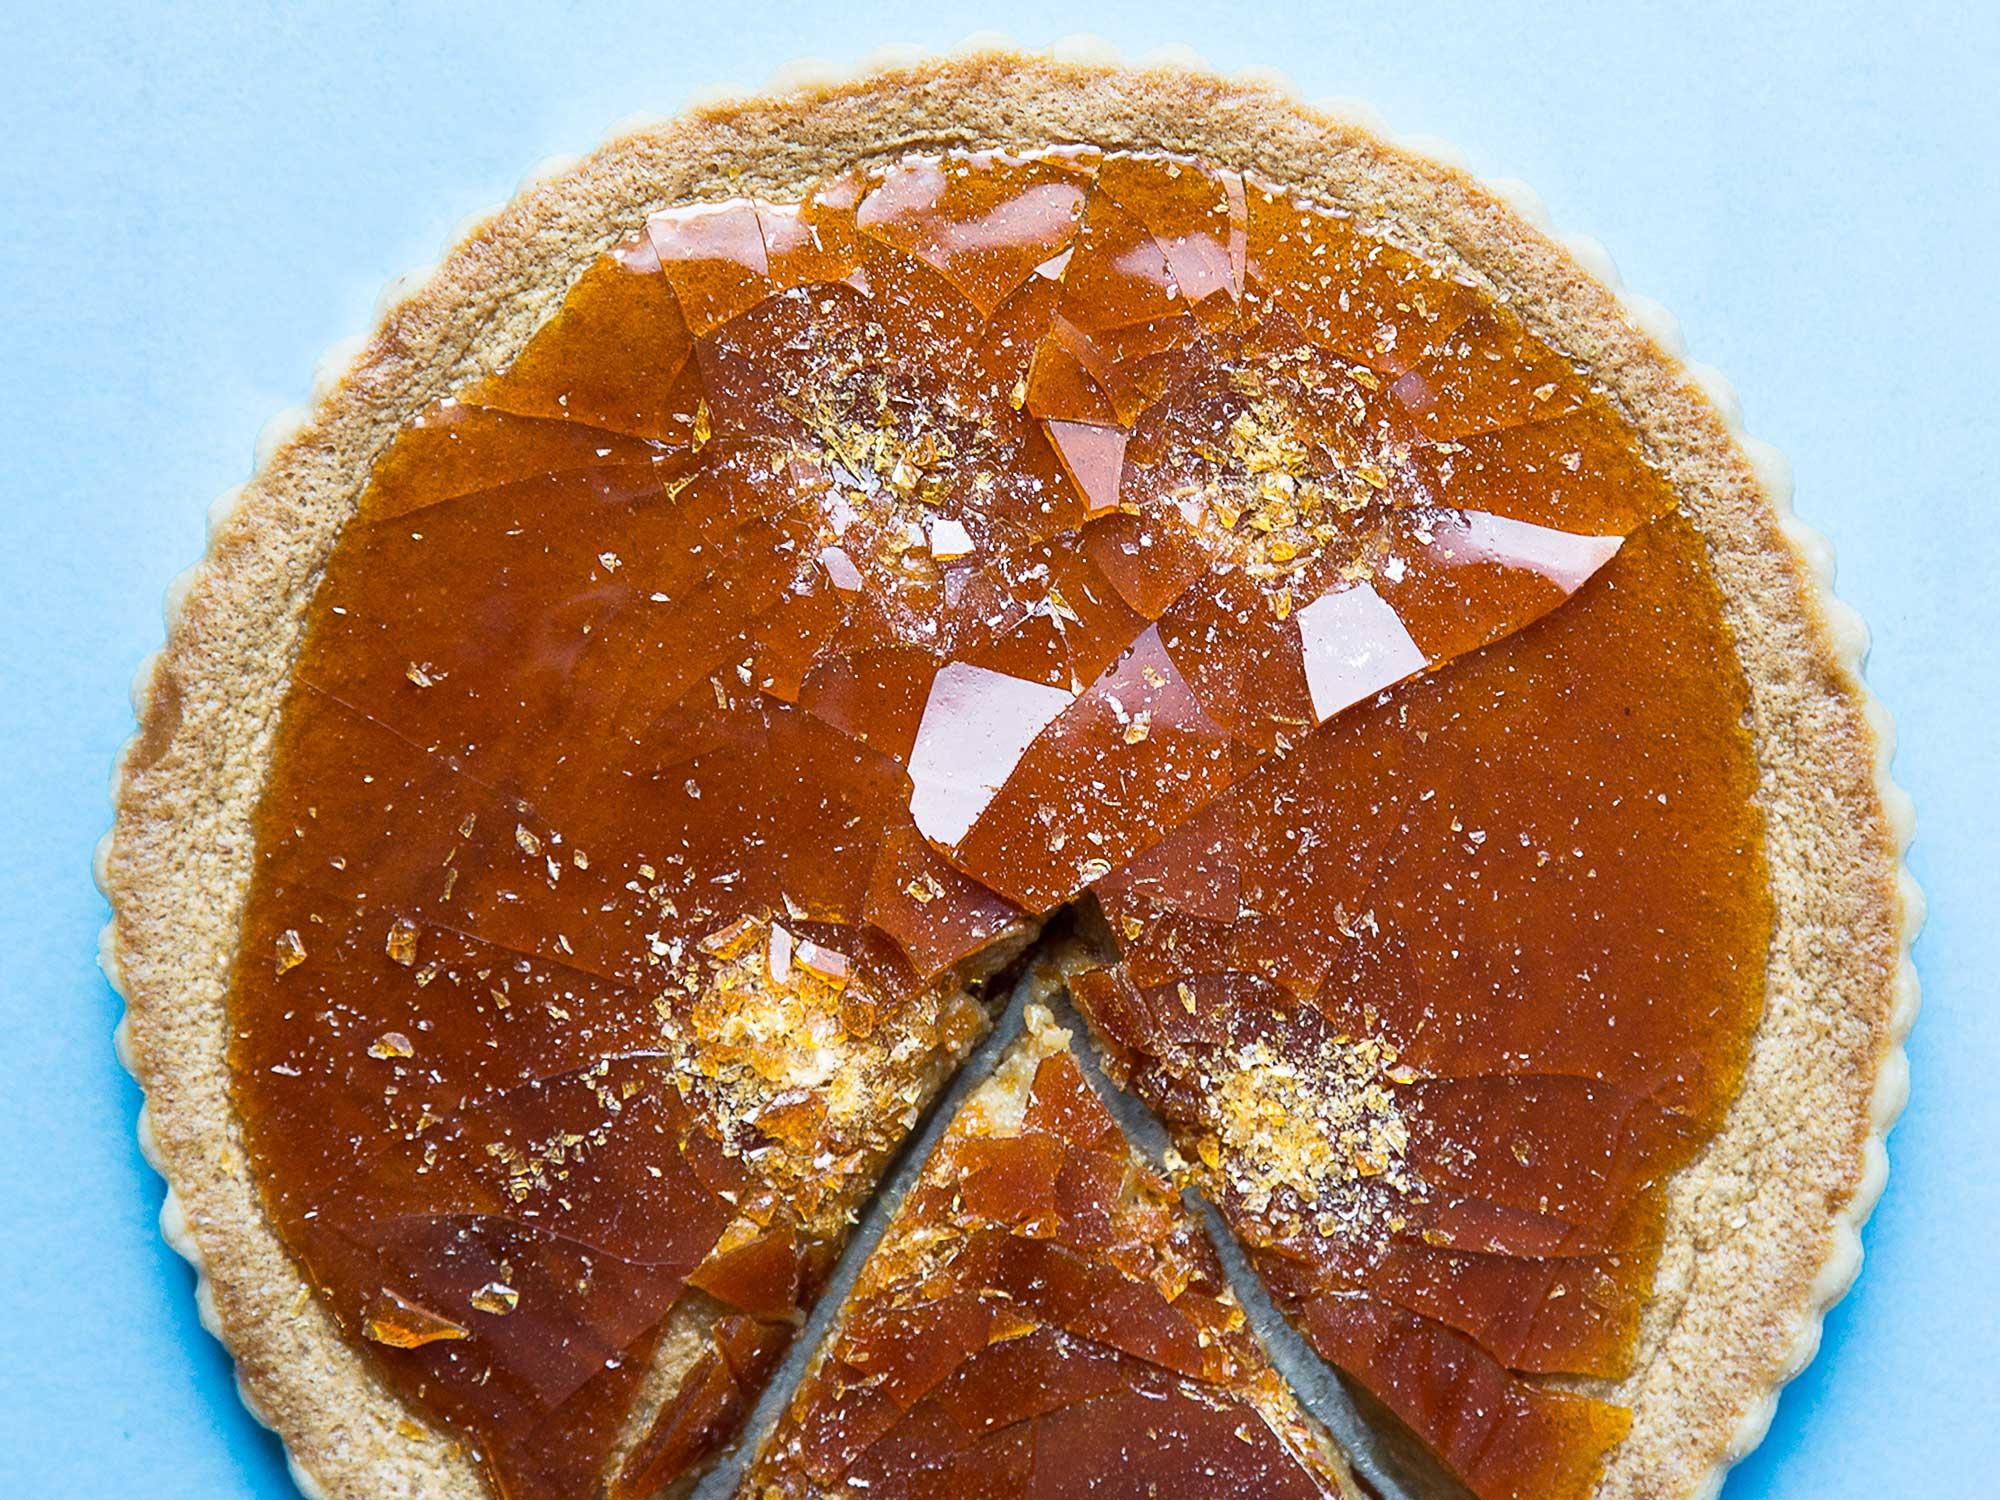 Butterscotch tart with cracked caramel